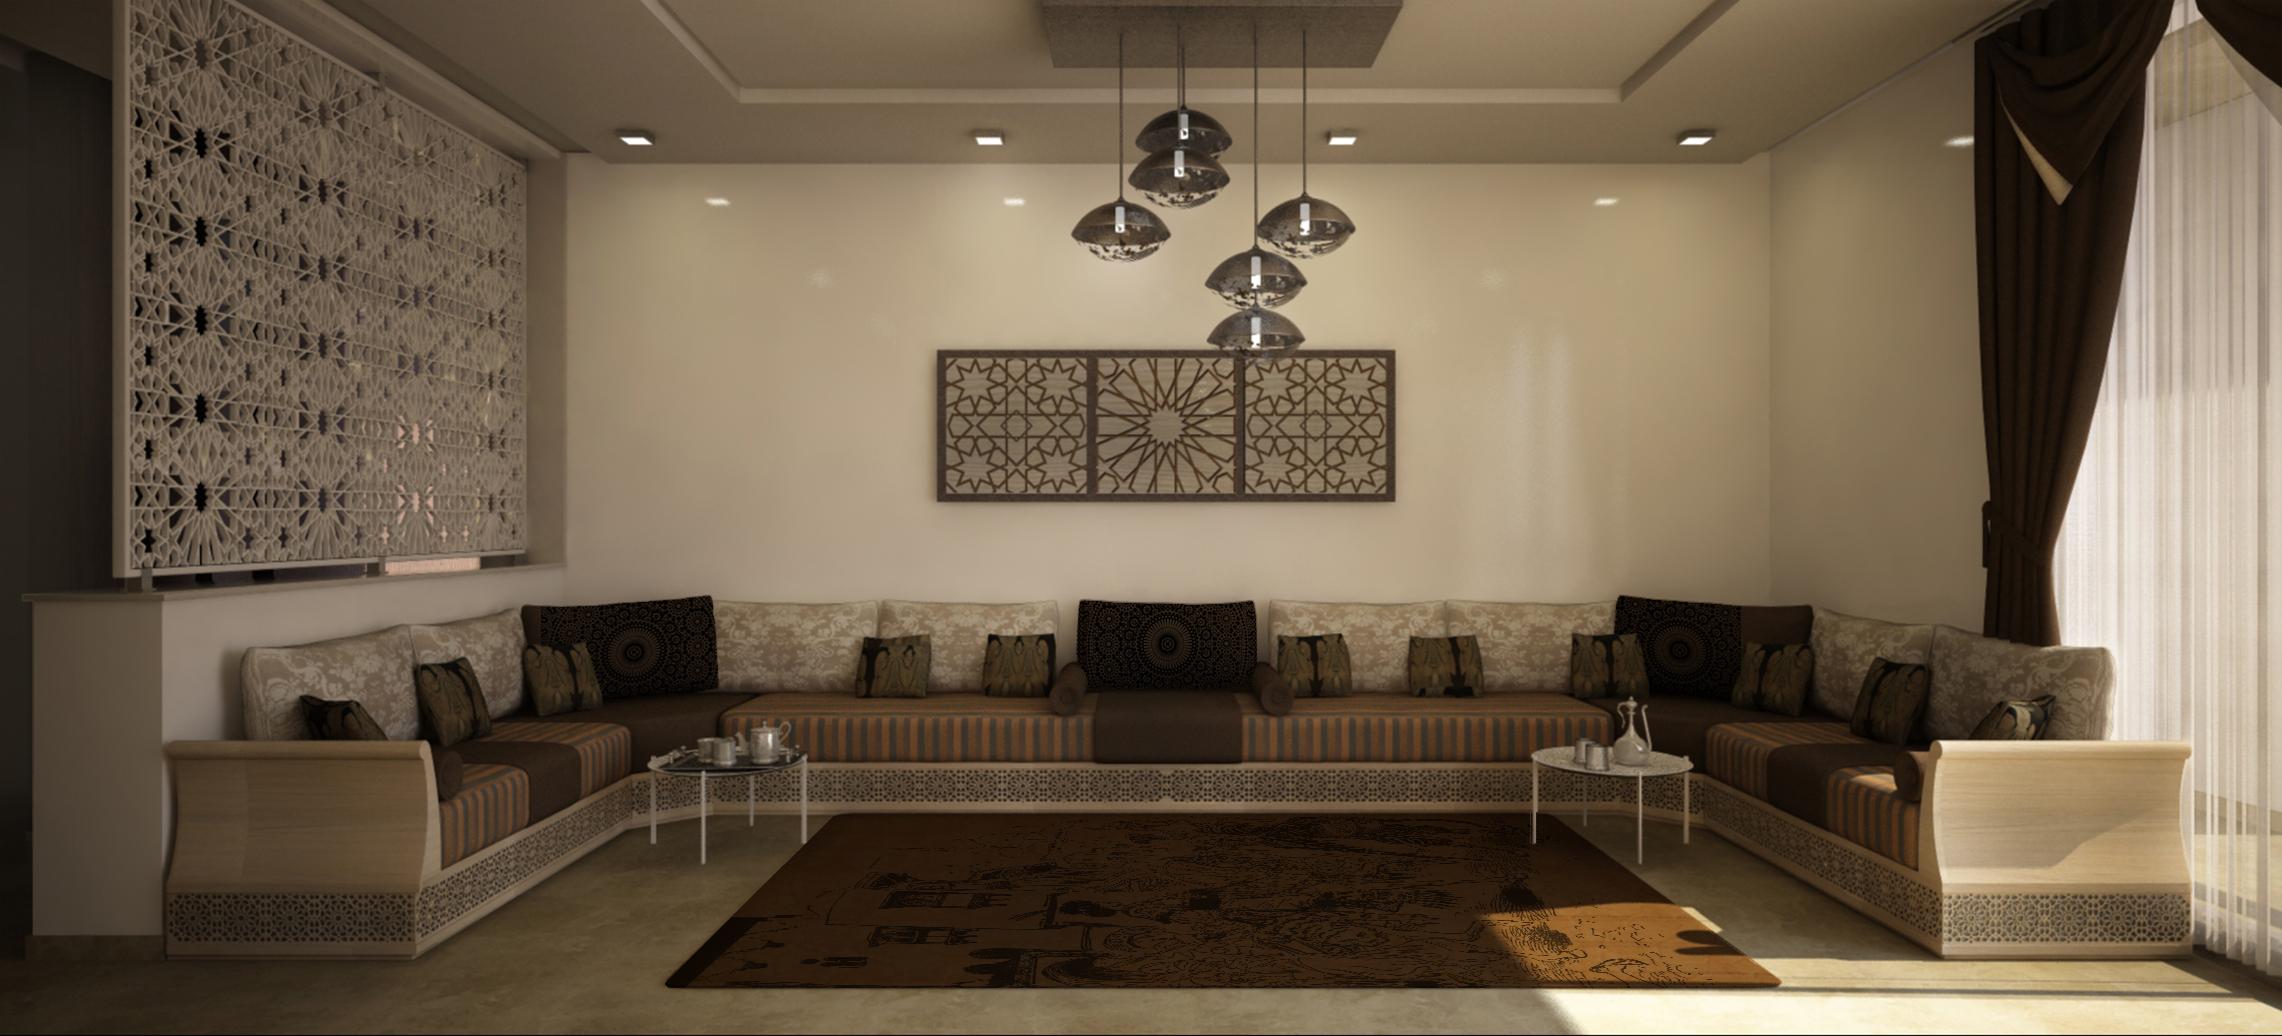 Aménagement et conception des Salons marocains | Perspective 3D ...